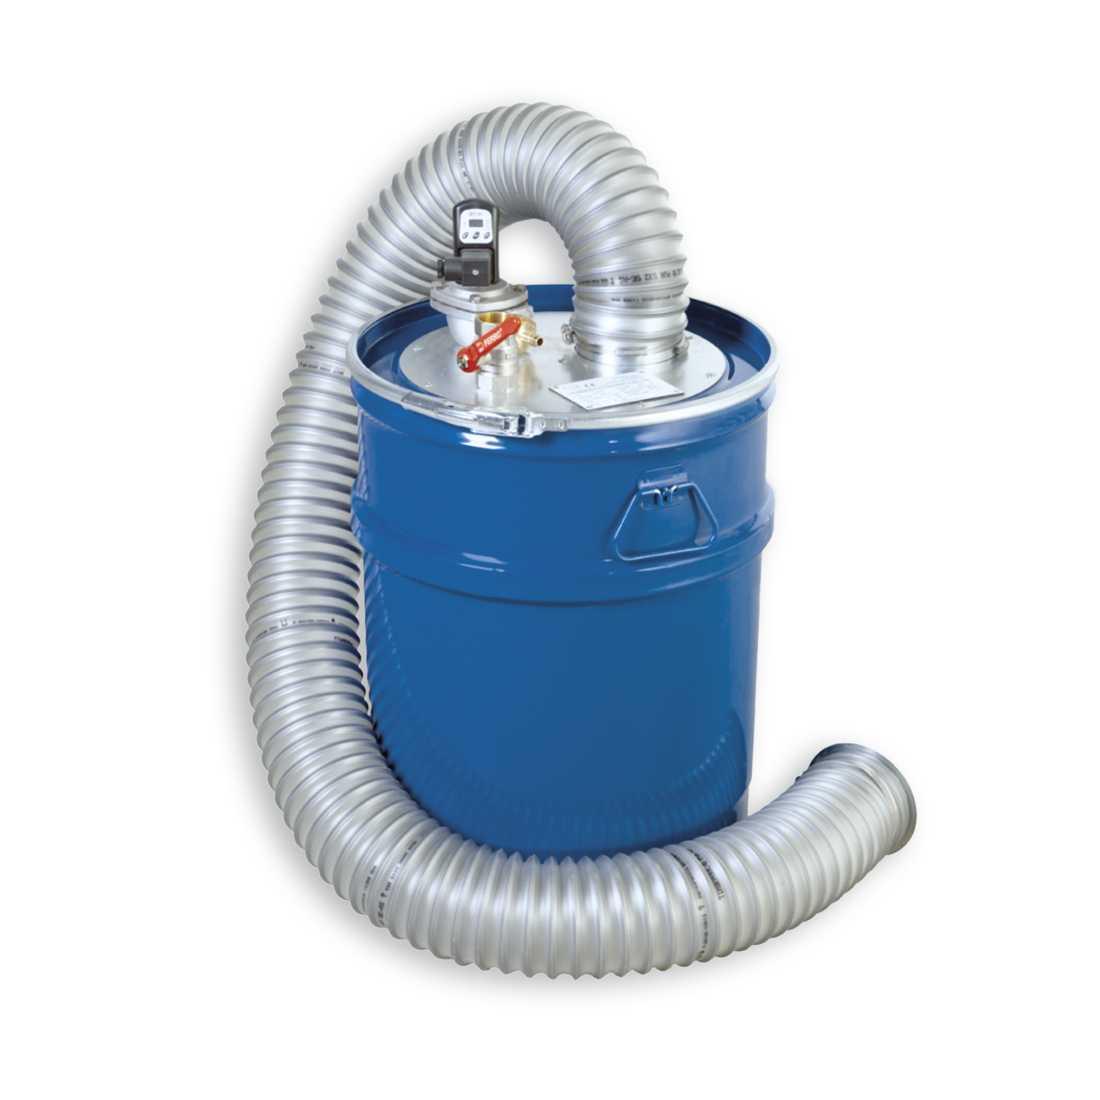 ASP filtrowentylacja